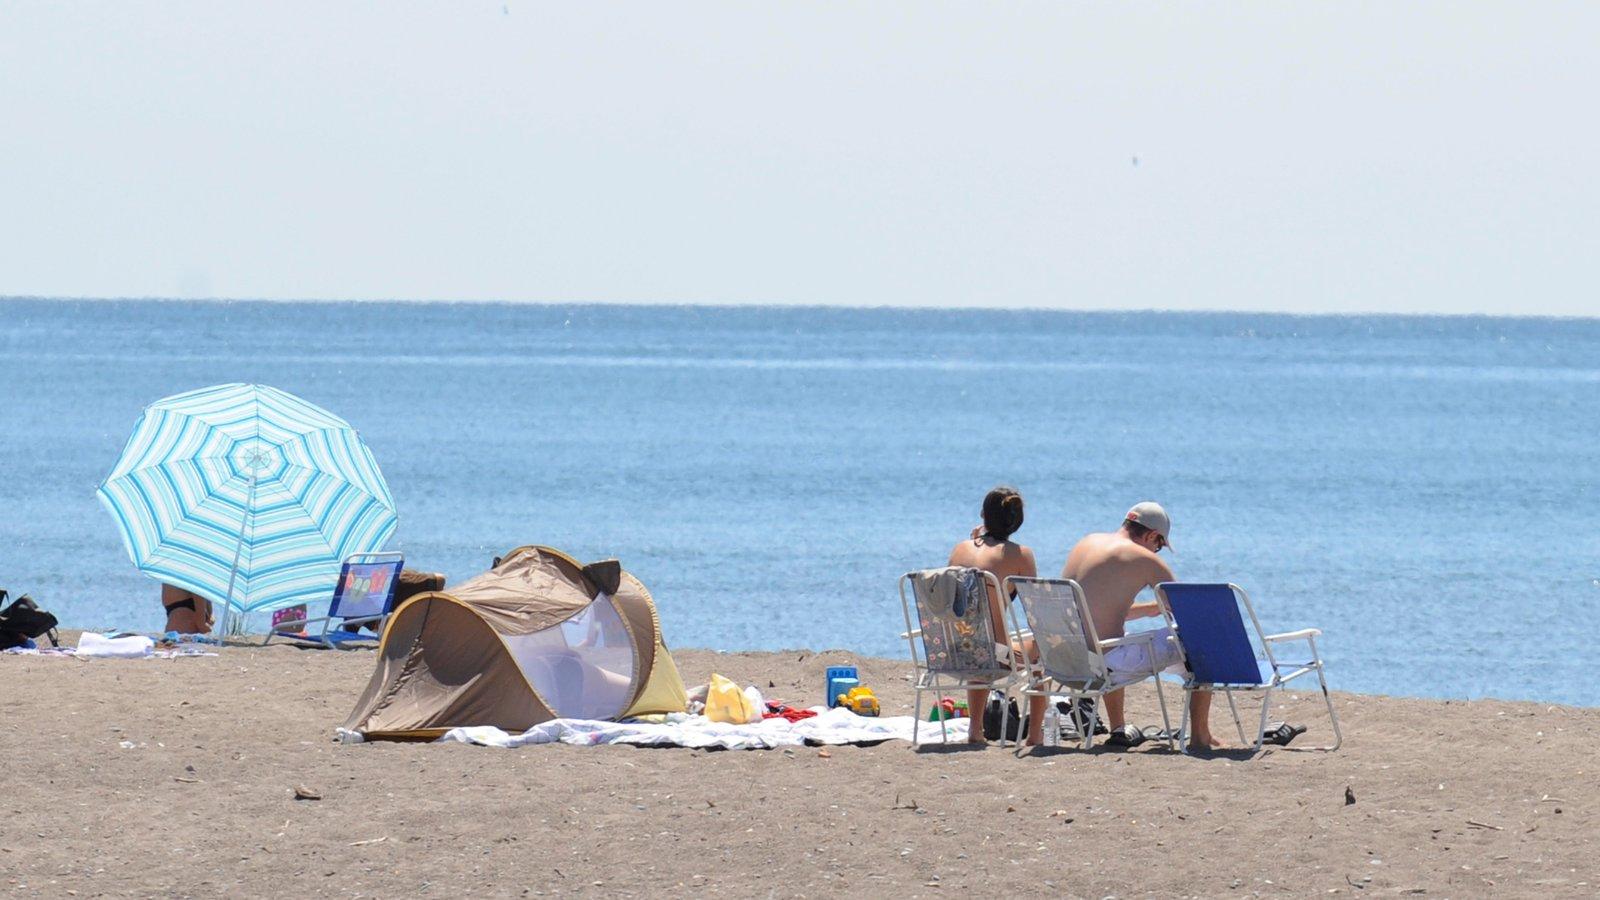 Sur de Ontario ofreciendo vistas generales de la costa y una playa y también un pequeño grupo de personas